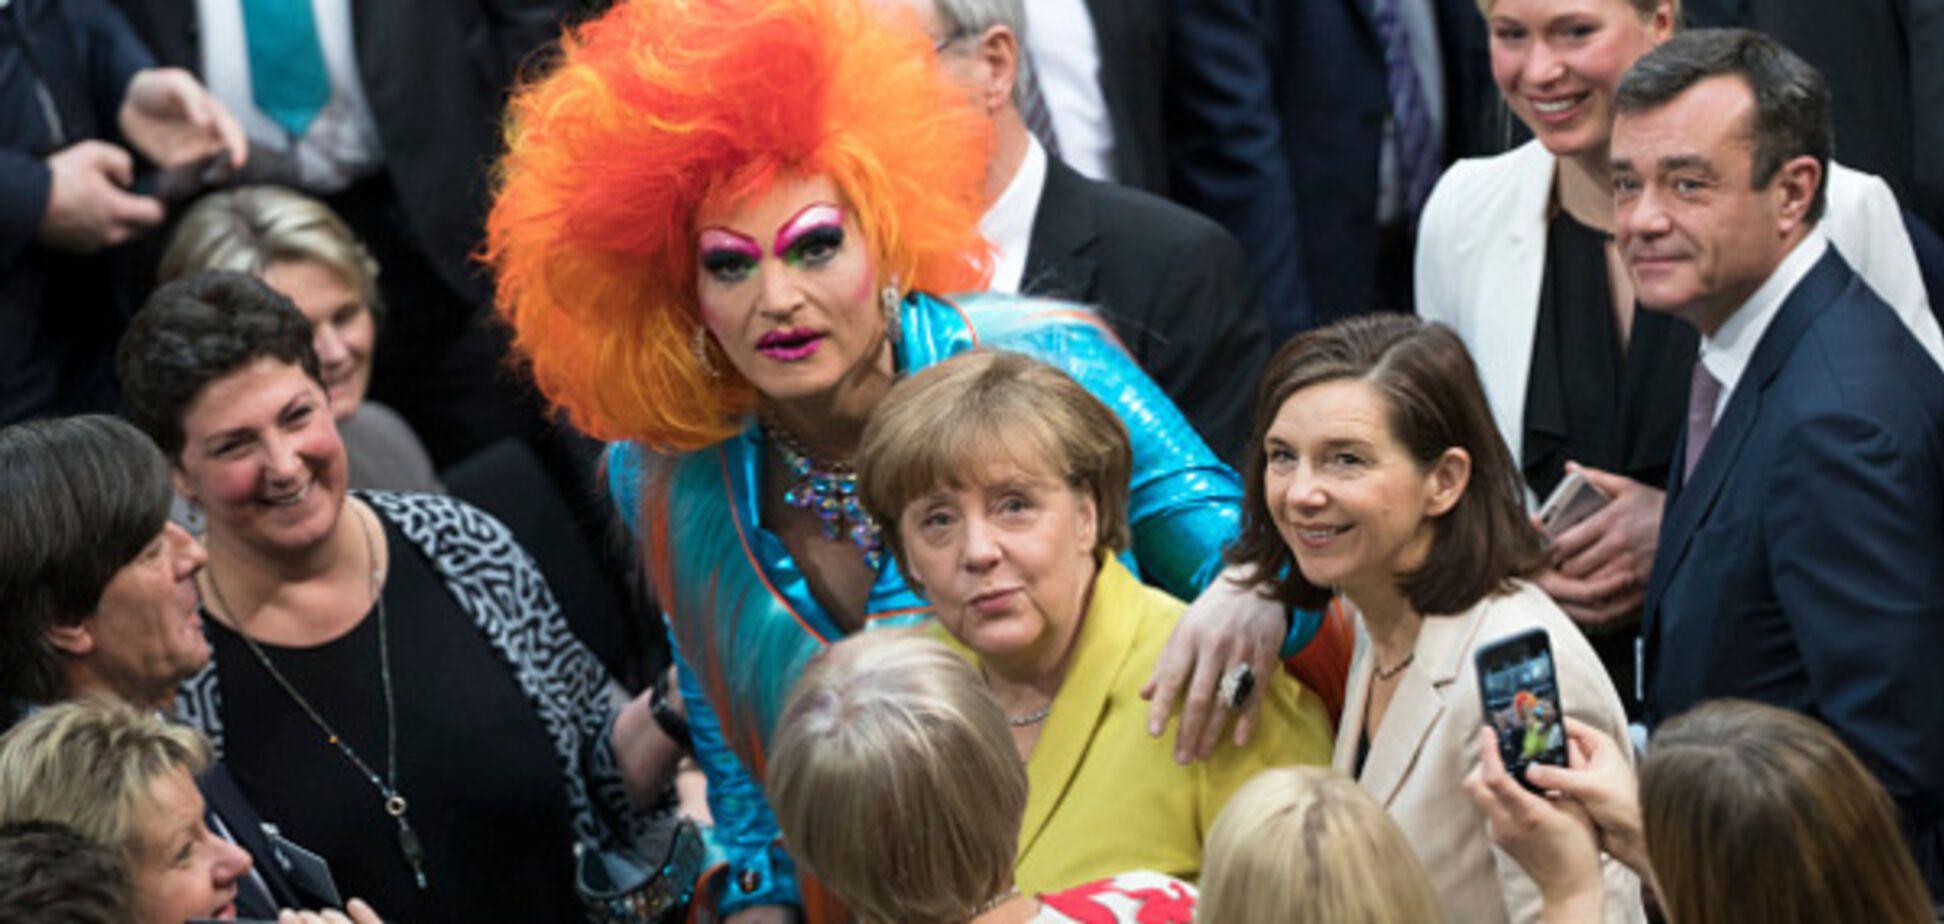 Фото переляканої Меркель з трансвеститом розсмішило соцмережі